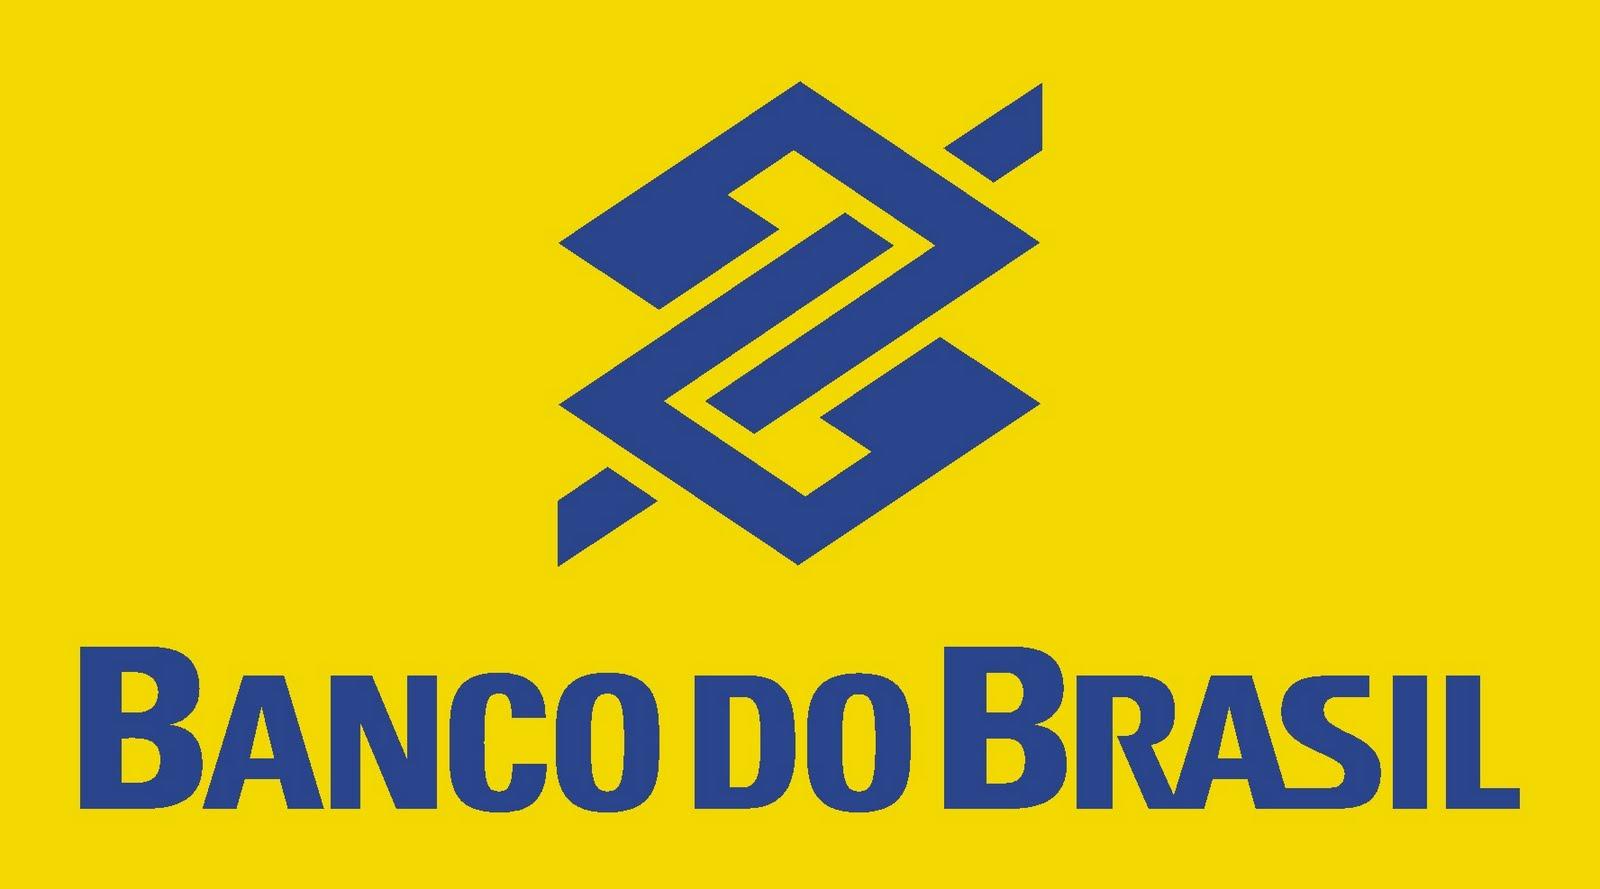 banco-do-brasil-logo-1-2-3671318.jpg